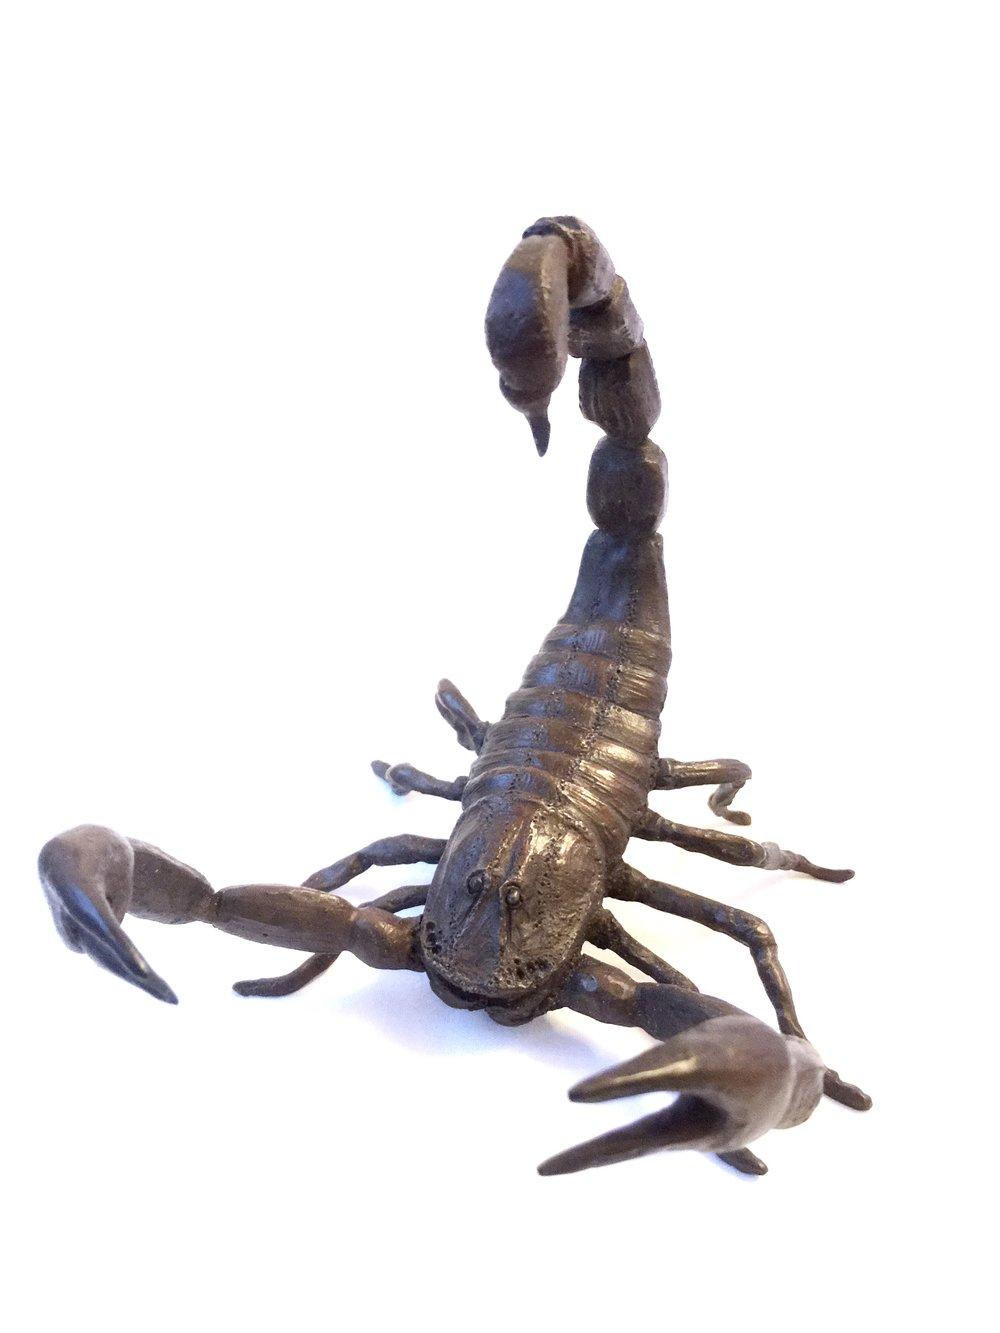 Scorpion 2.jpg